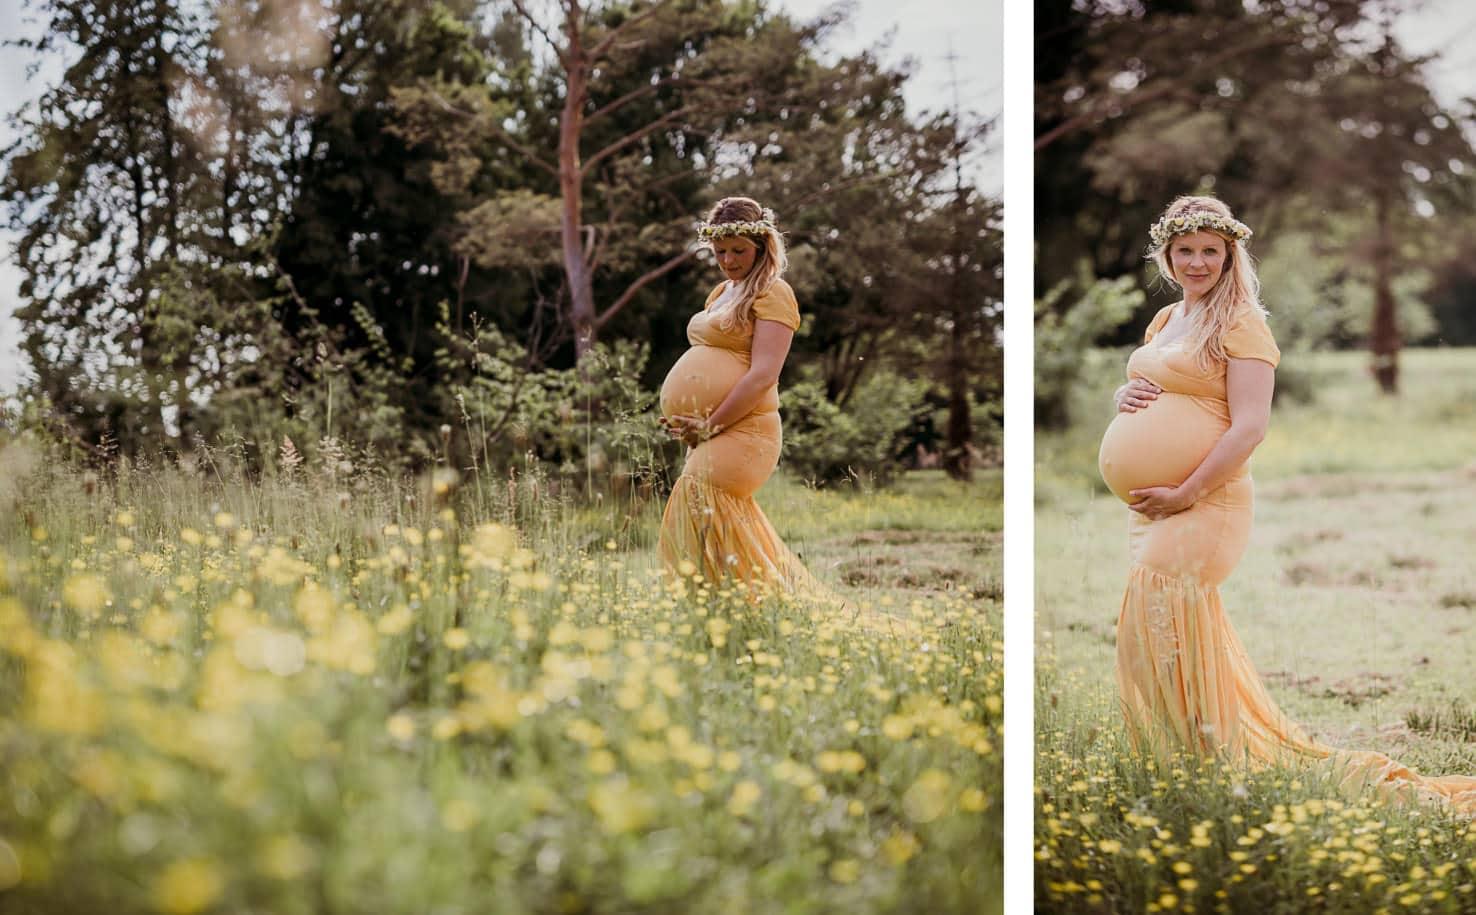 Schwangerschaftsoutfits für dein Babybauchshooting - Langes Kleid mit Schleppe in Gelb - Mica Zeitz Fotografie, München, Pfaffenhofen, Regensburg, Ingolstadt